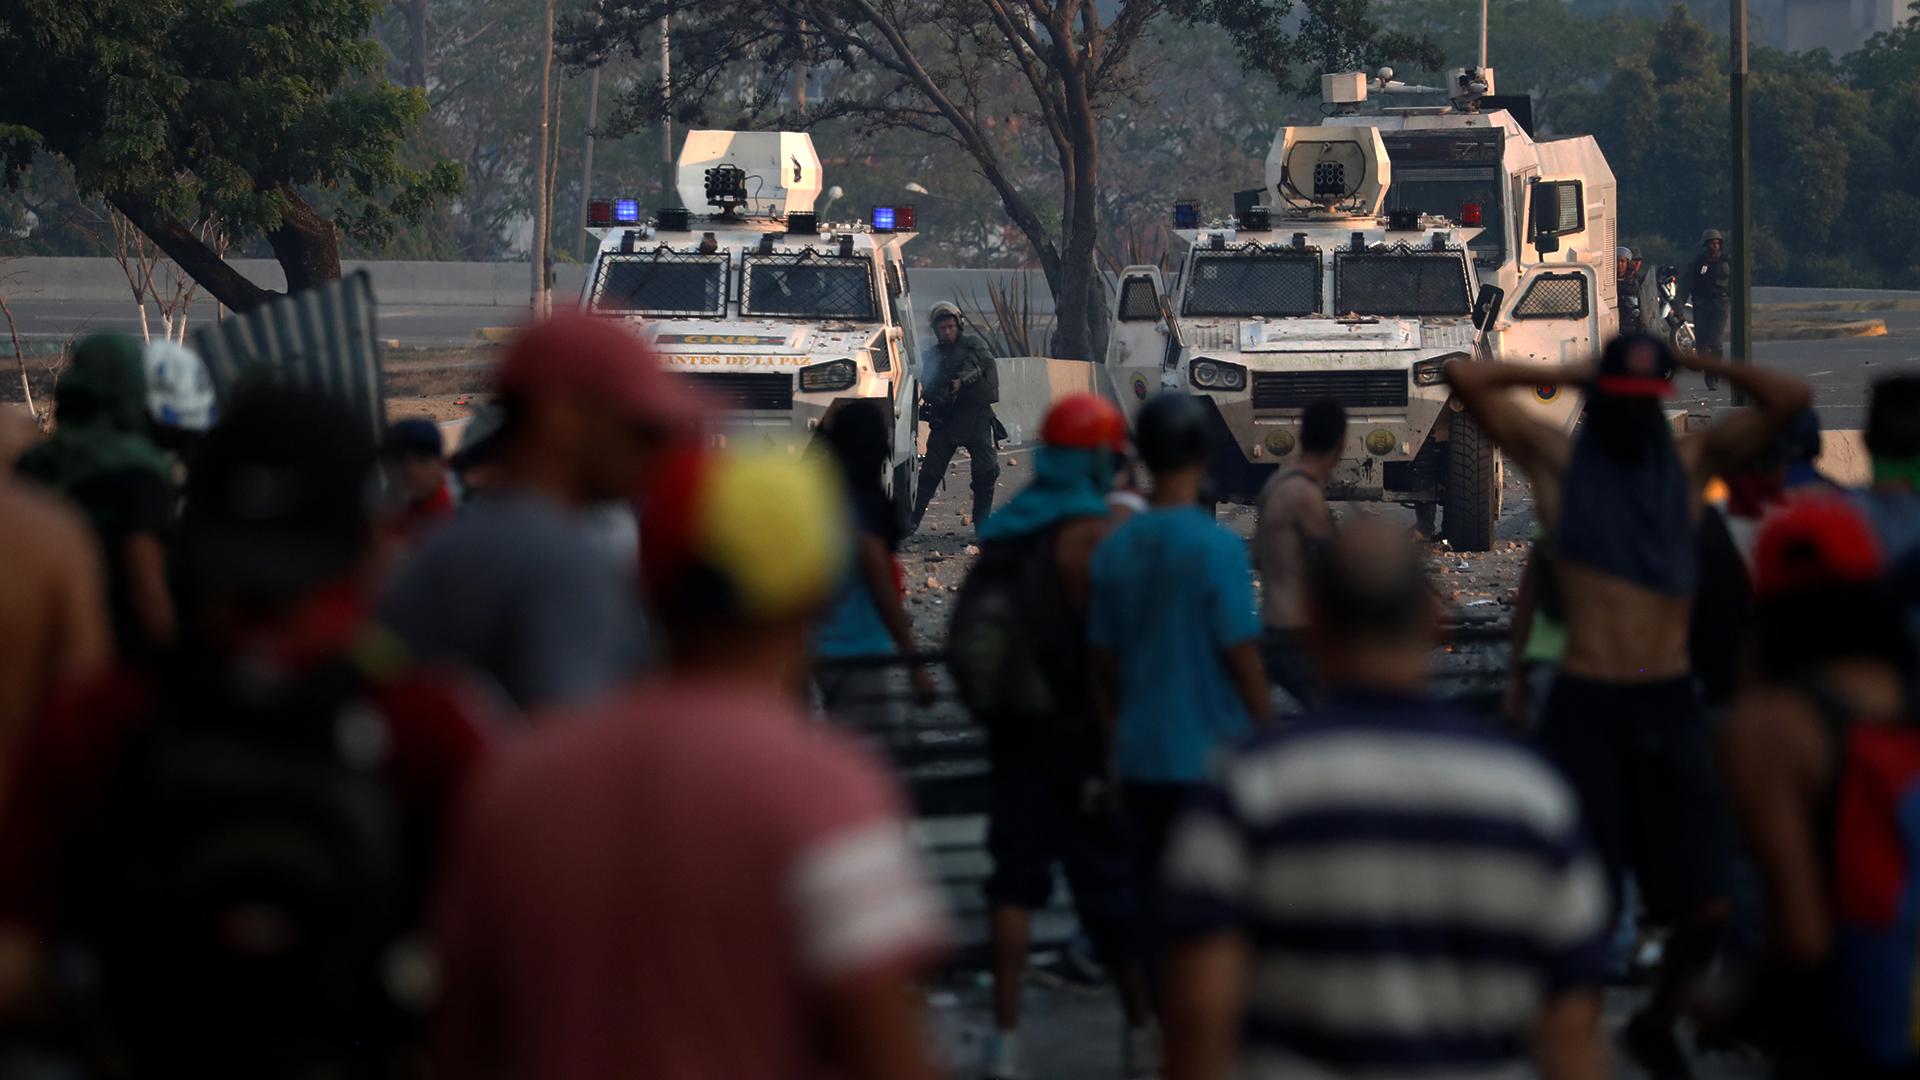 Miembros de la Guardia Nacional de Venezuela enfrentan a manifestantes a favor del presidente interino Juan Guaidó en la noche del martes en Caracas, Venezuela(Foto: REUTERS/Carlos Garcia Rawlins)